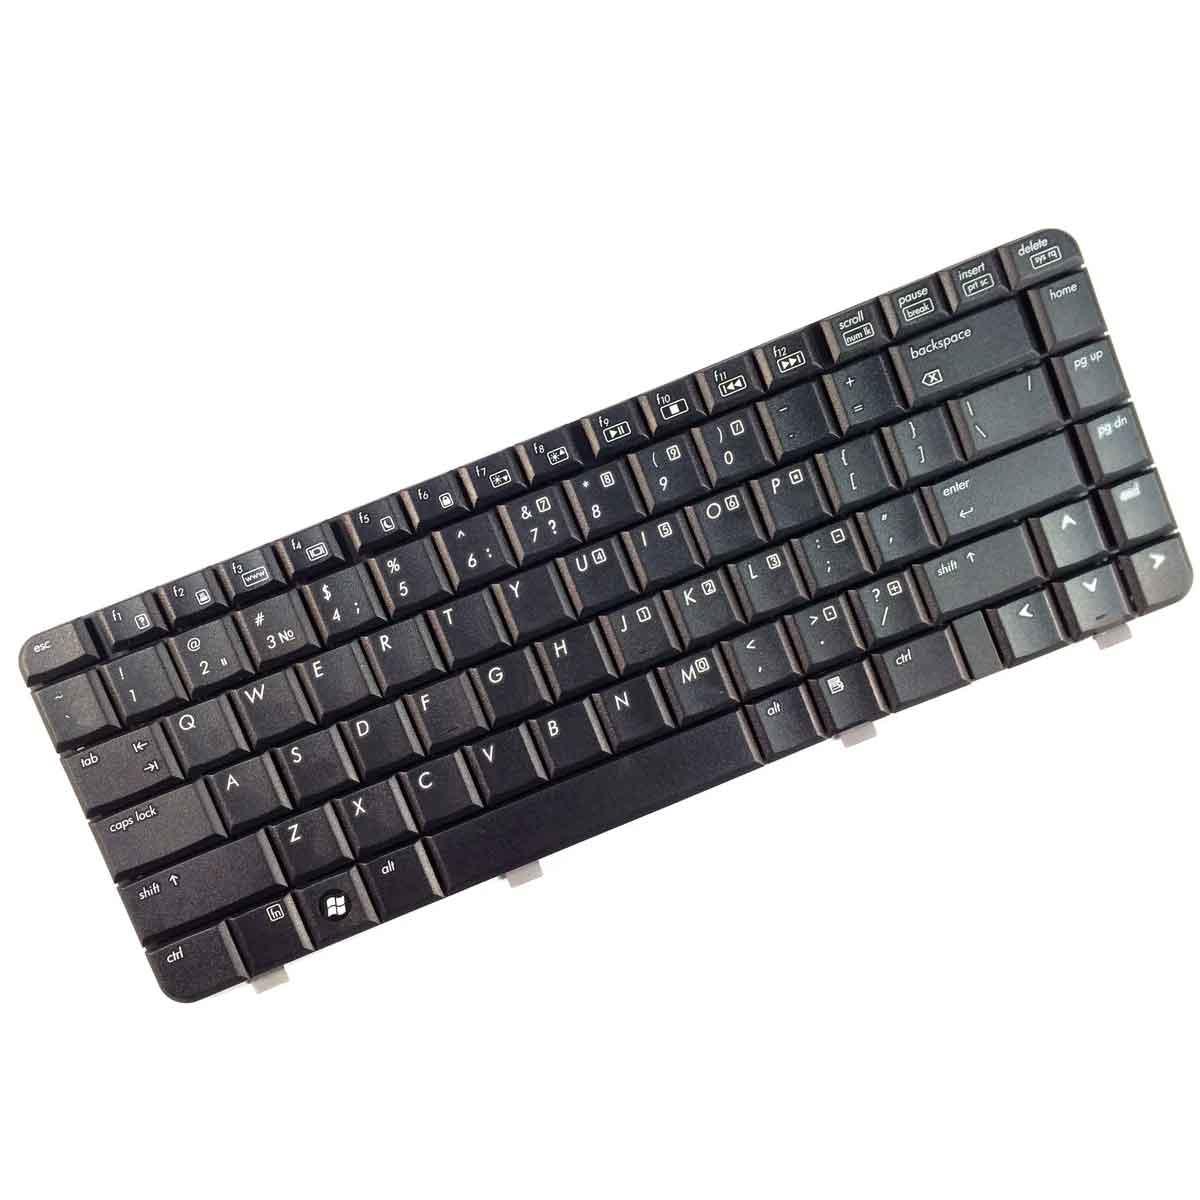 کیبورد لپ تاپ اچ پی Keyboard Laptop Hp DV2000